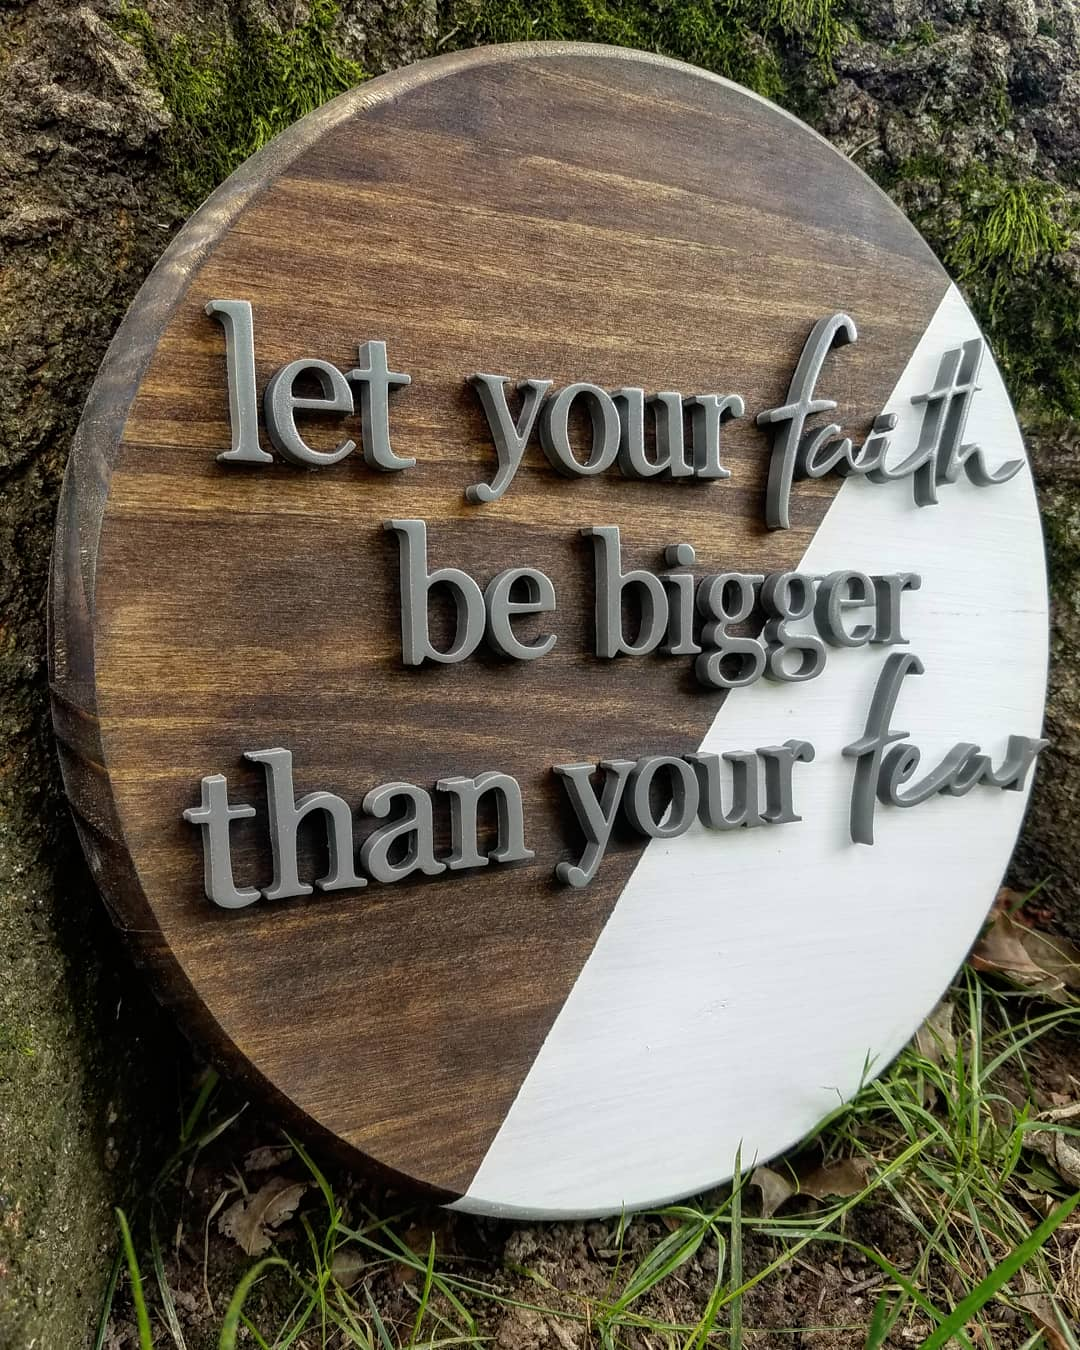 Faith be bigger than your fear